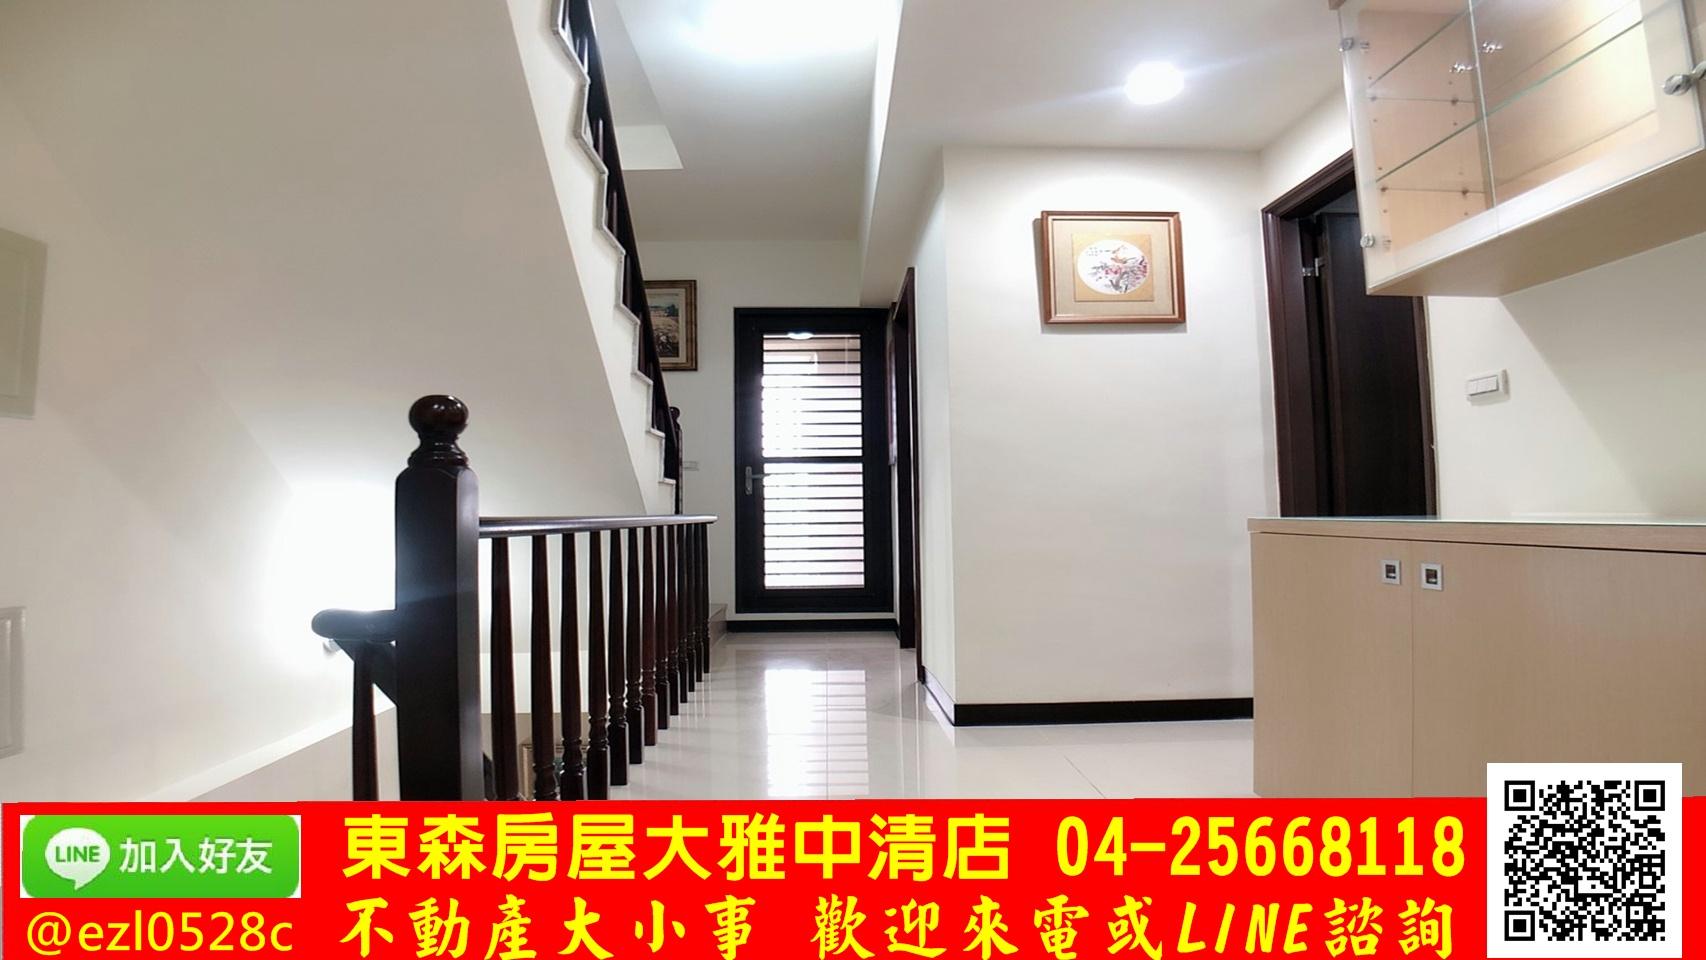 東森房屋大雅中清店-中科書香世家